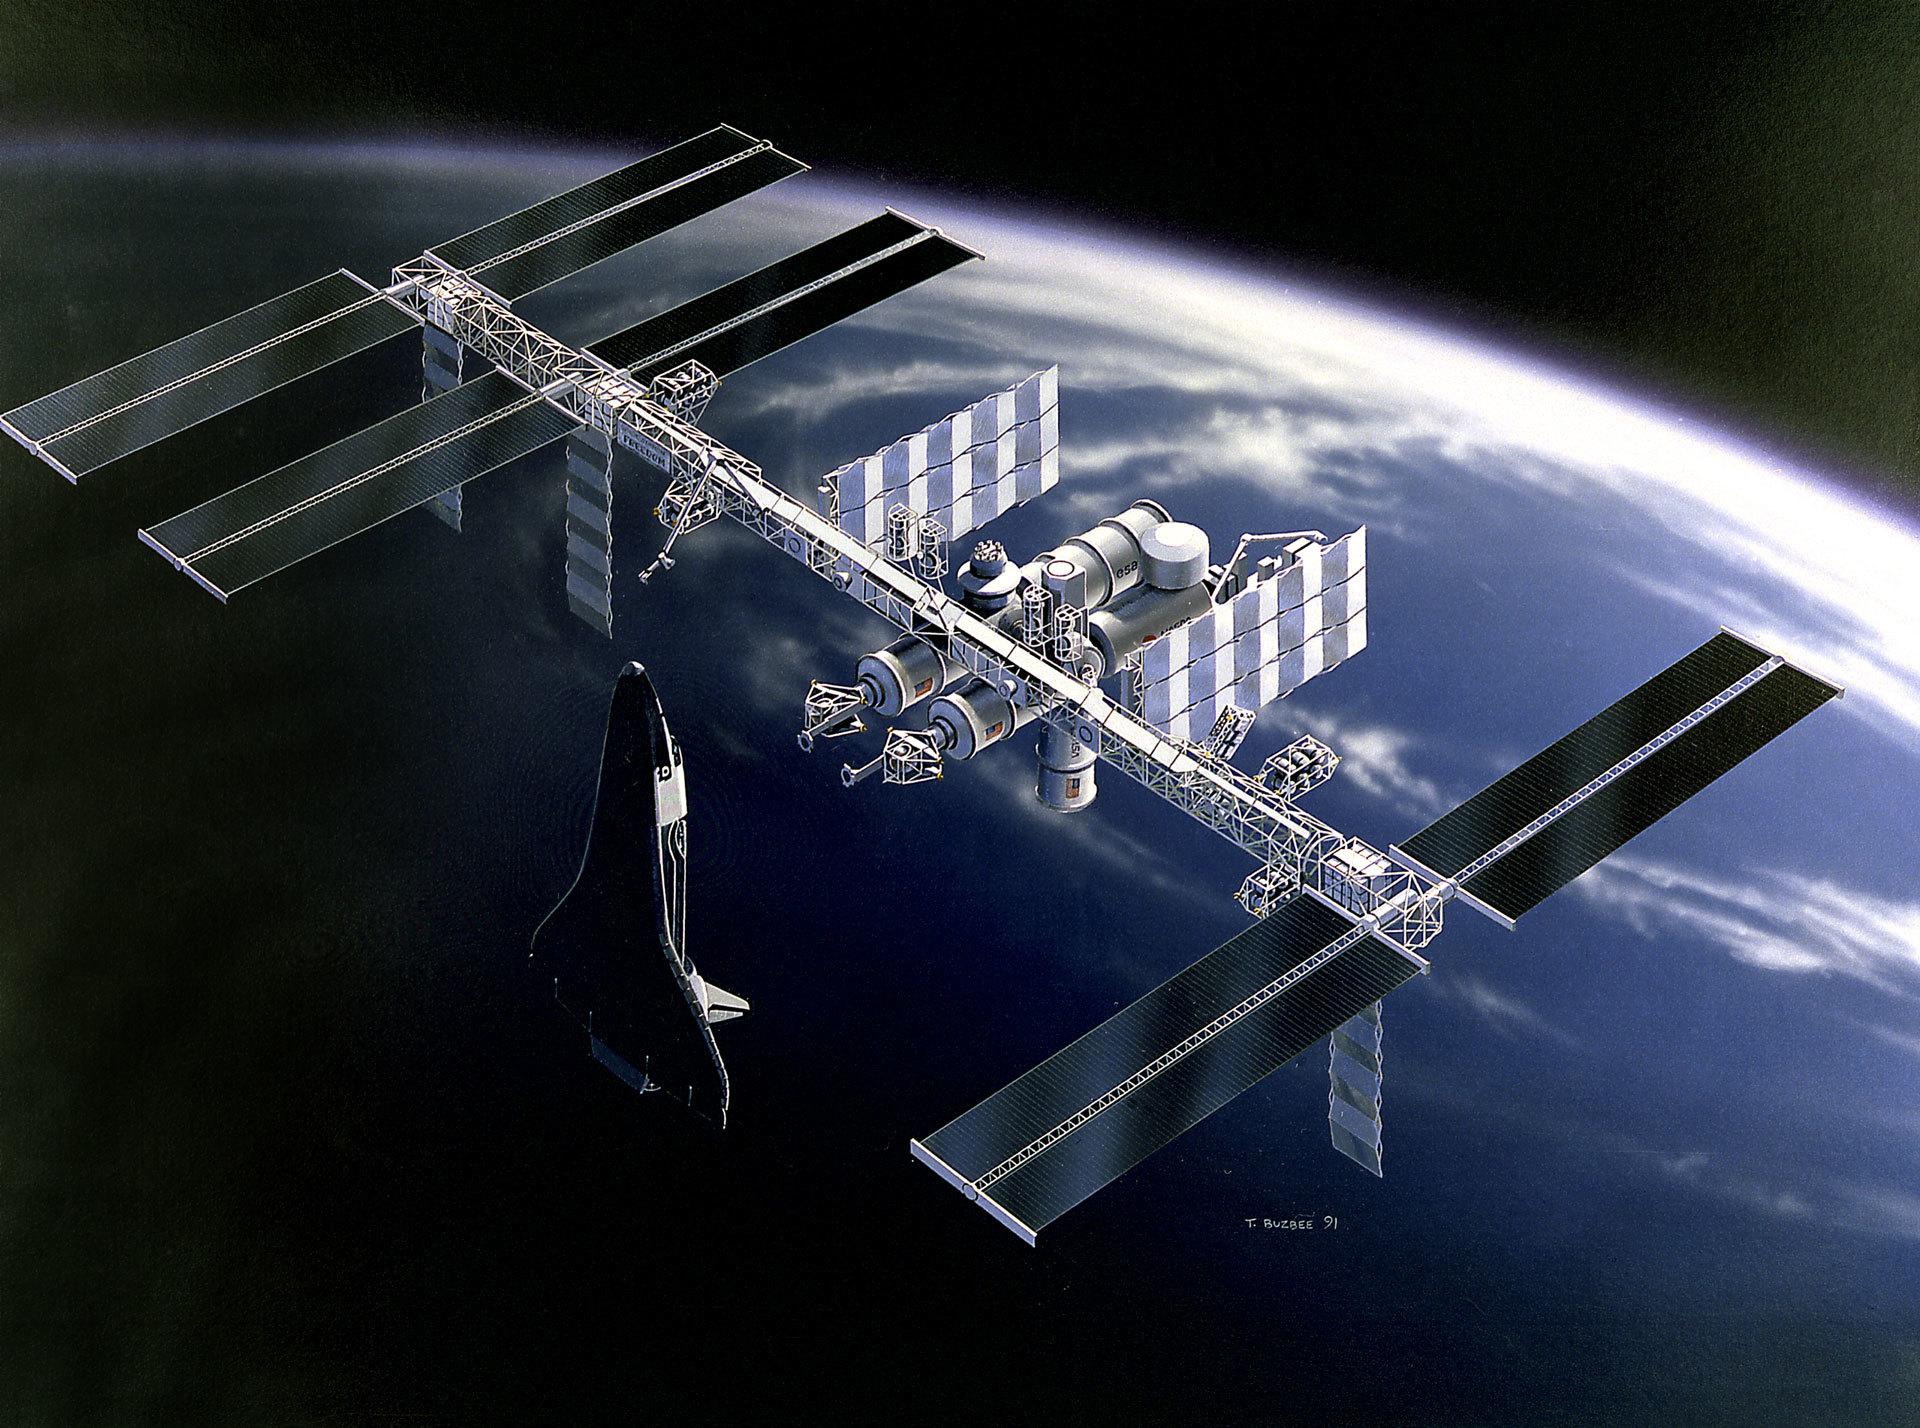 15 лет работе Международной космической станции - 2